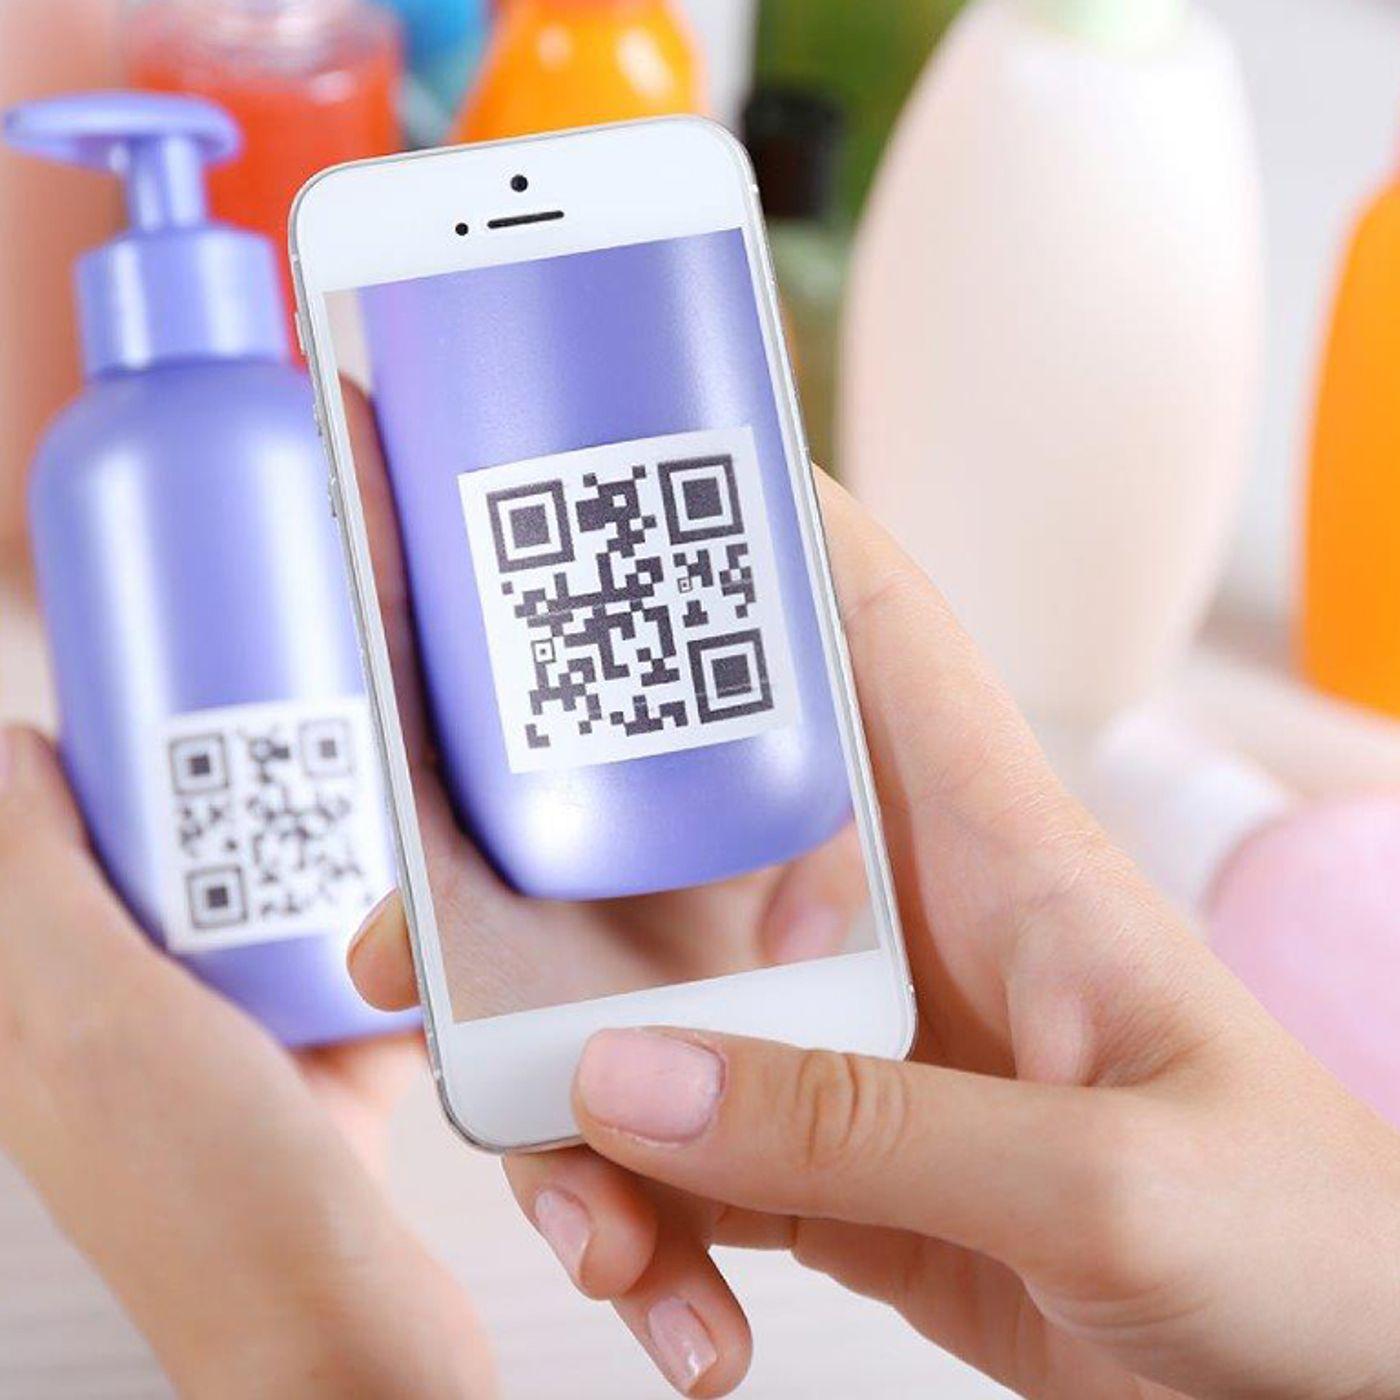 RADIO ANTARES VISION - Mercato cosmetico: una identità digitale unica per la completa tracciabilità di ogni prodotto